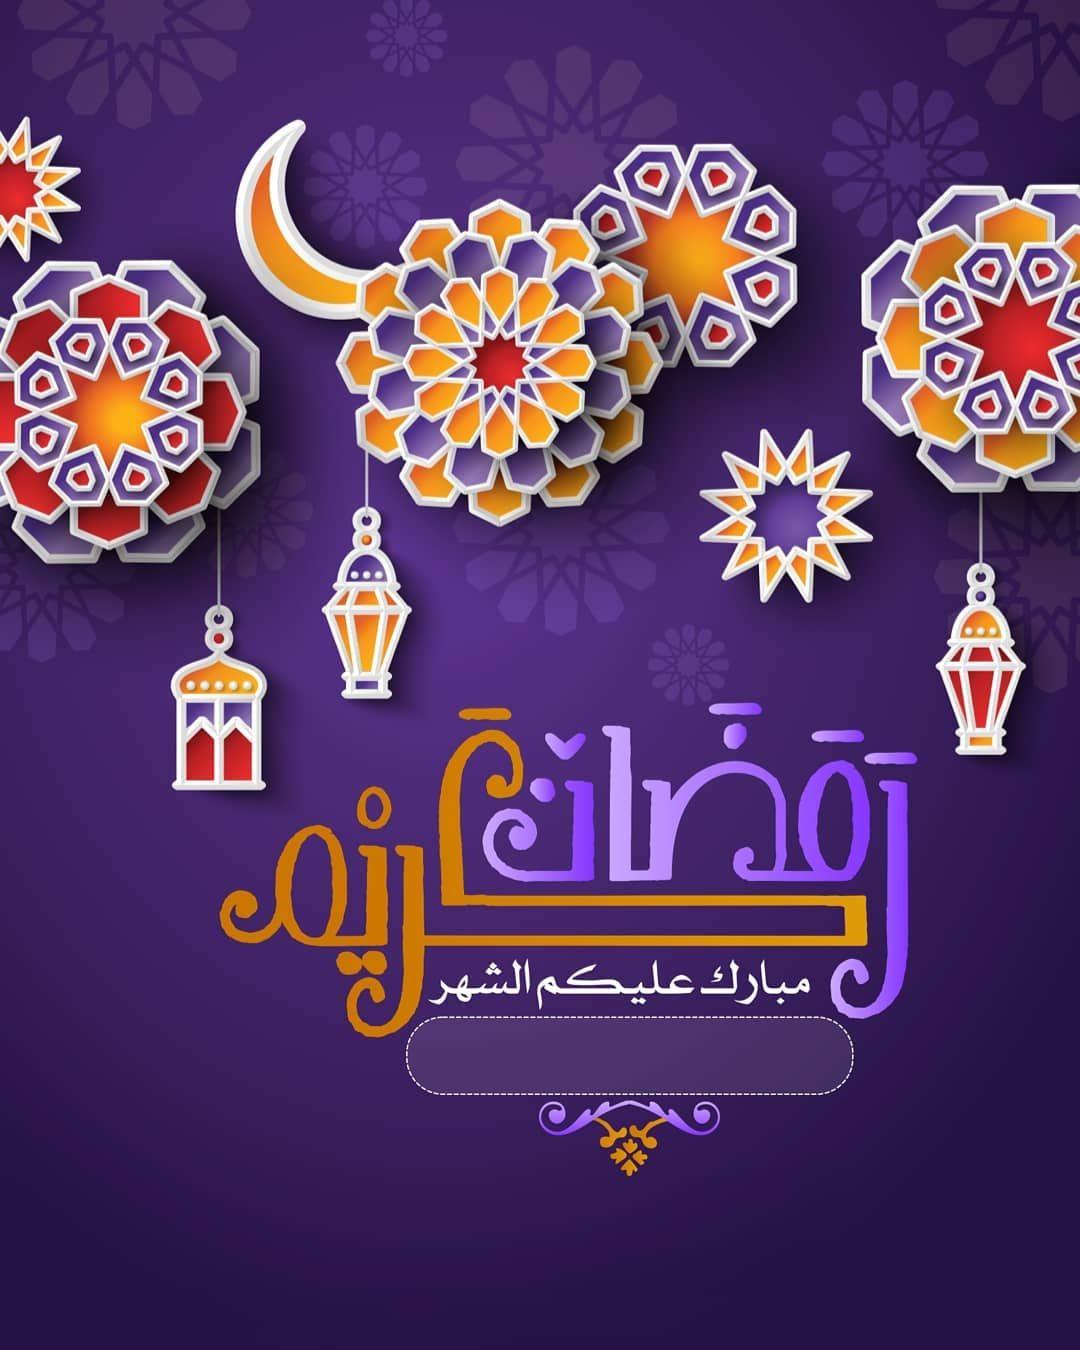 النقاء On Instagram بطاقة تهنئة بمناسبة شهر رمضان وجاهزه لاضافة الاسم اهداء مني لكم وبدو Ramadan Crafts Ramadan Greetings Ramadan Decorations